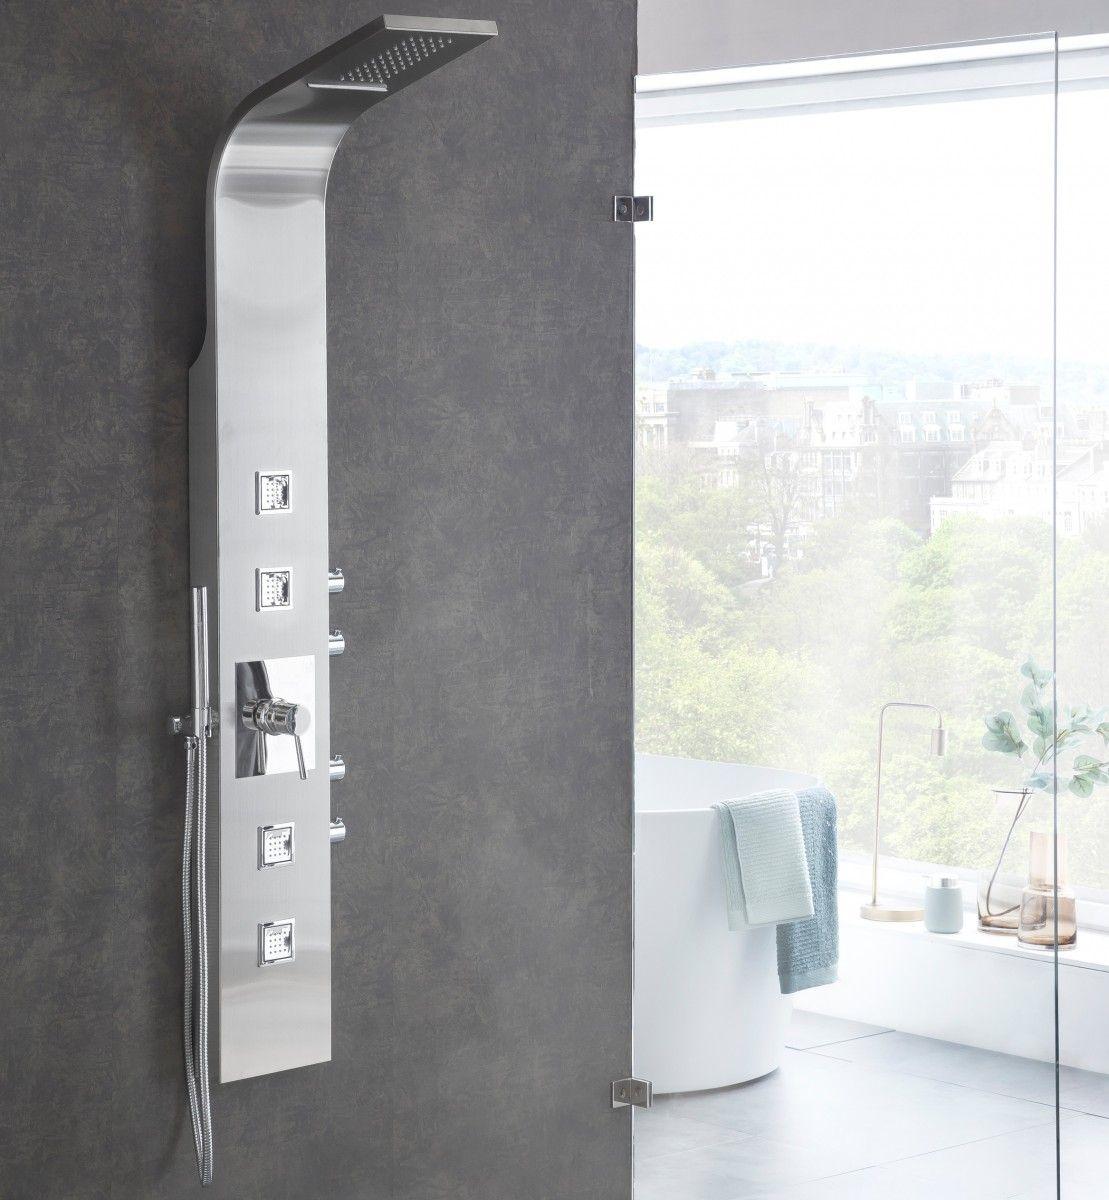 Wohnling Duschpaneel Mit Wasserfall Regendusche Wl2 007 Aus Edelstahl Dusche Bad Badezimmer Wohlfuhlen Wohnidee Luxus Regendusche Dusche Badezimmer